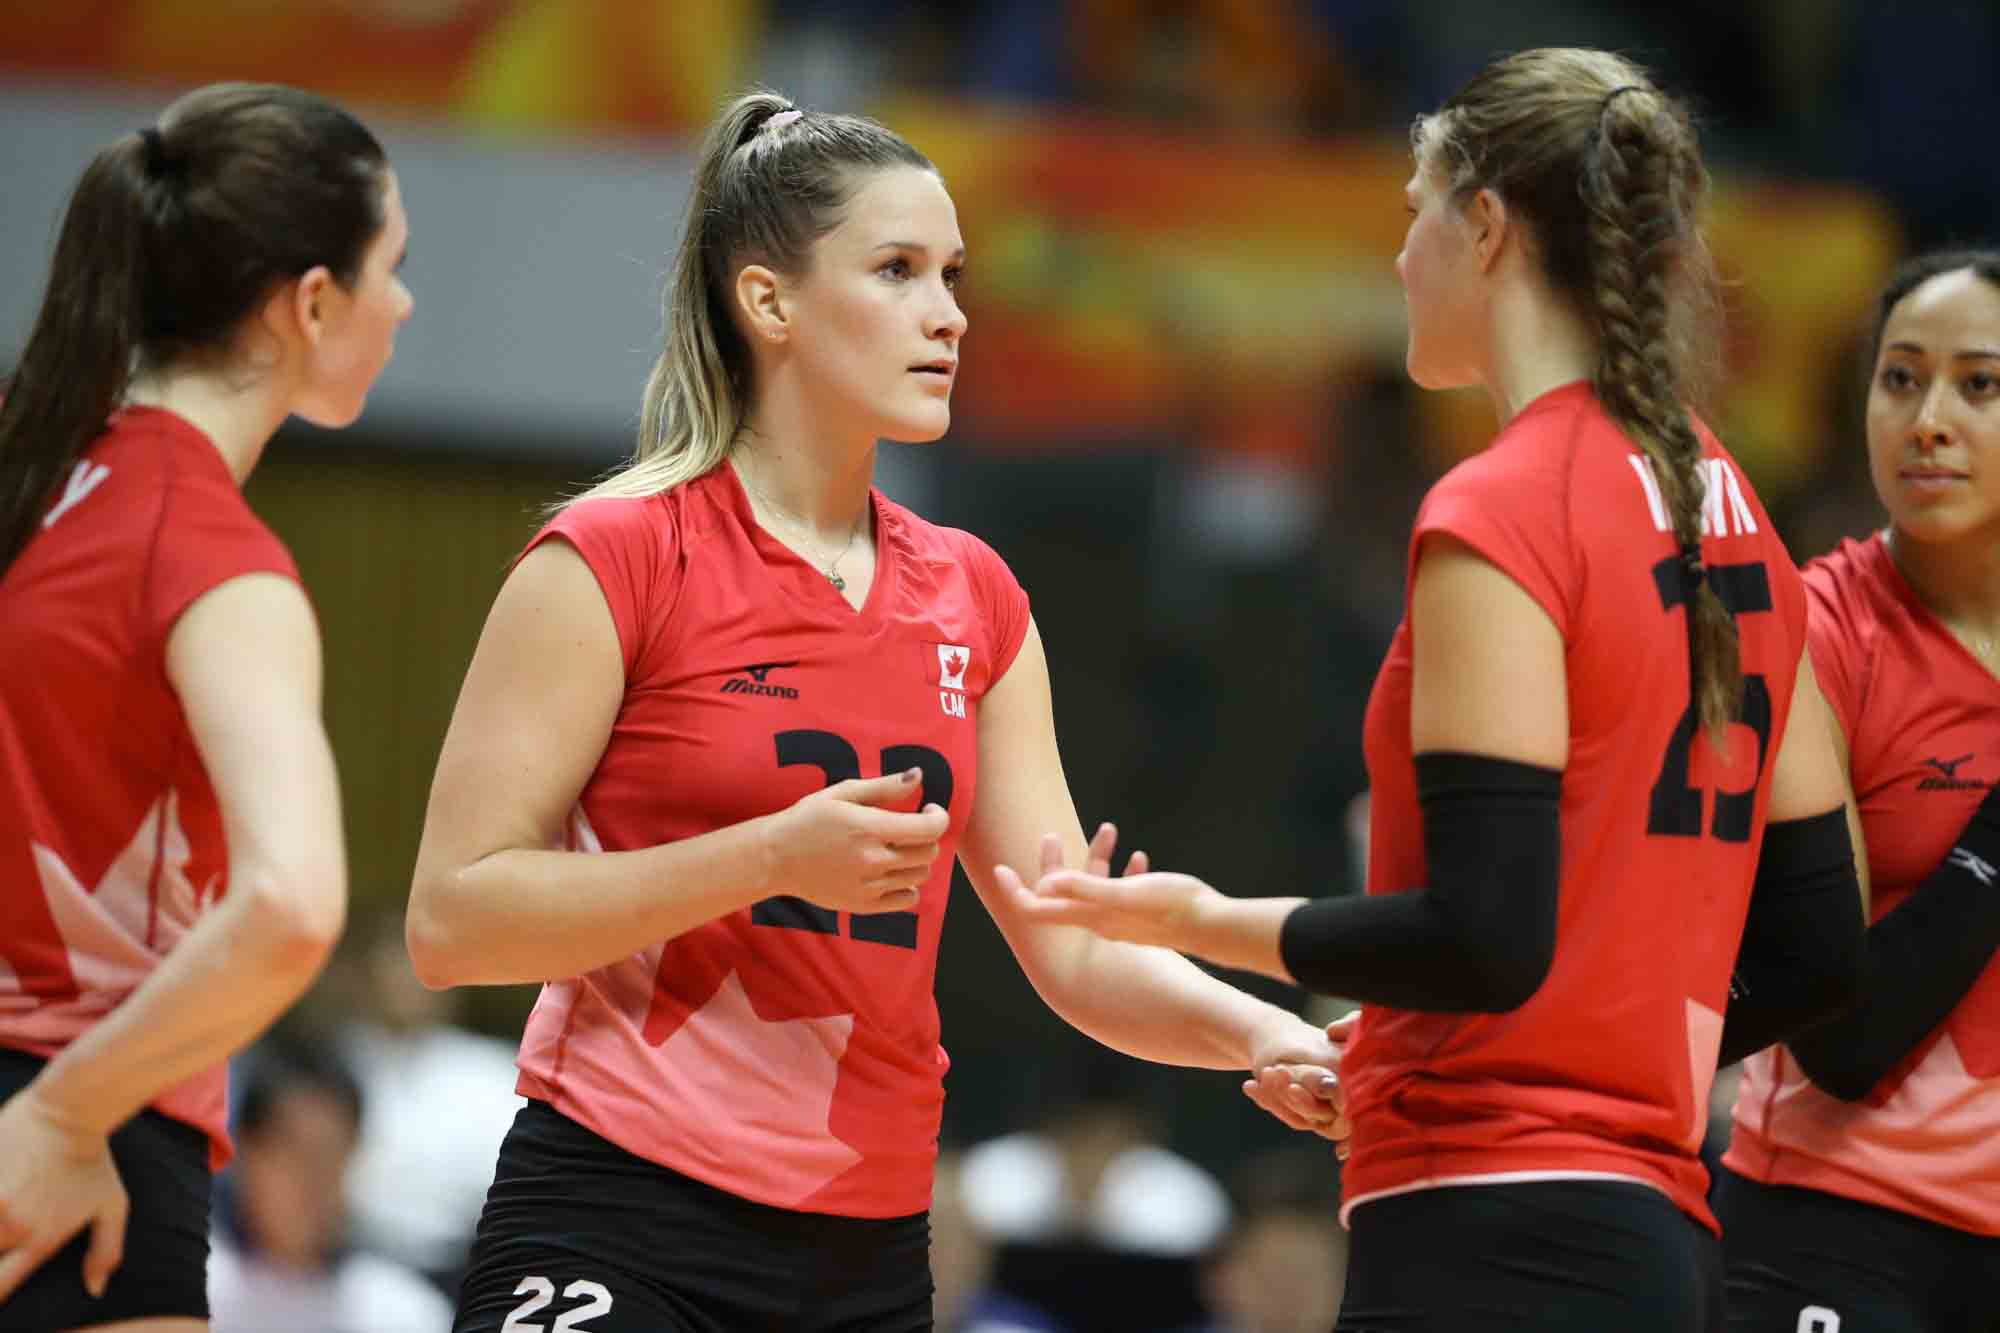 Megan Cyr encouraging her teammates.